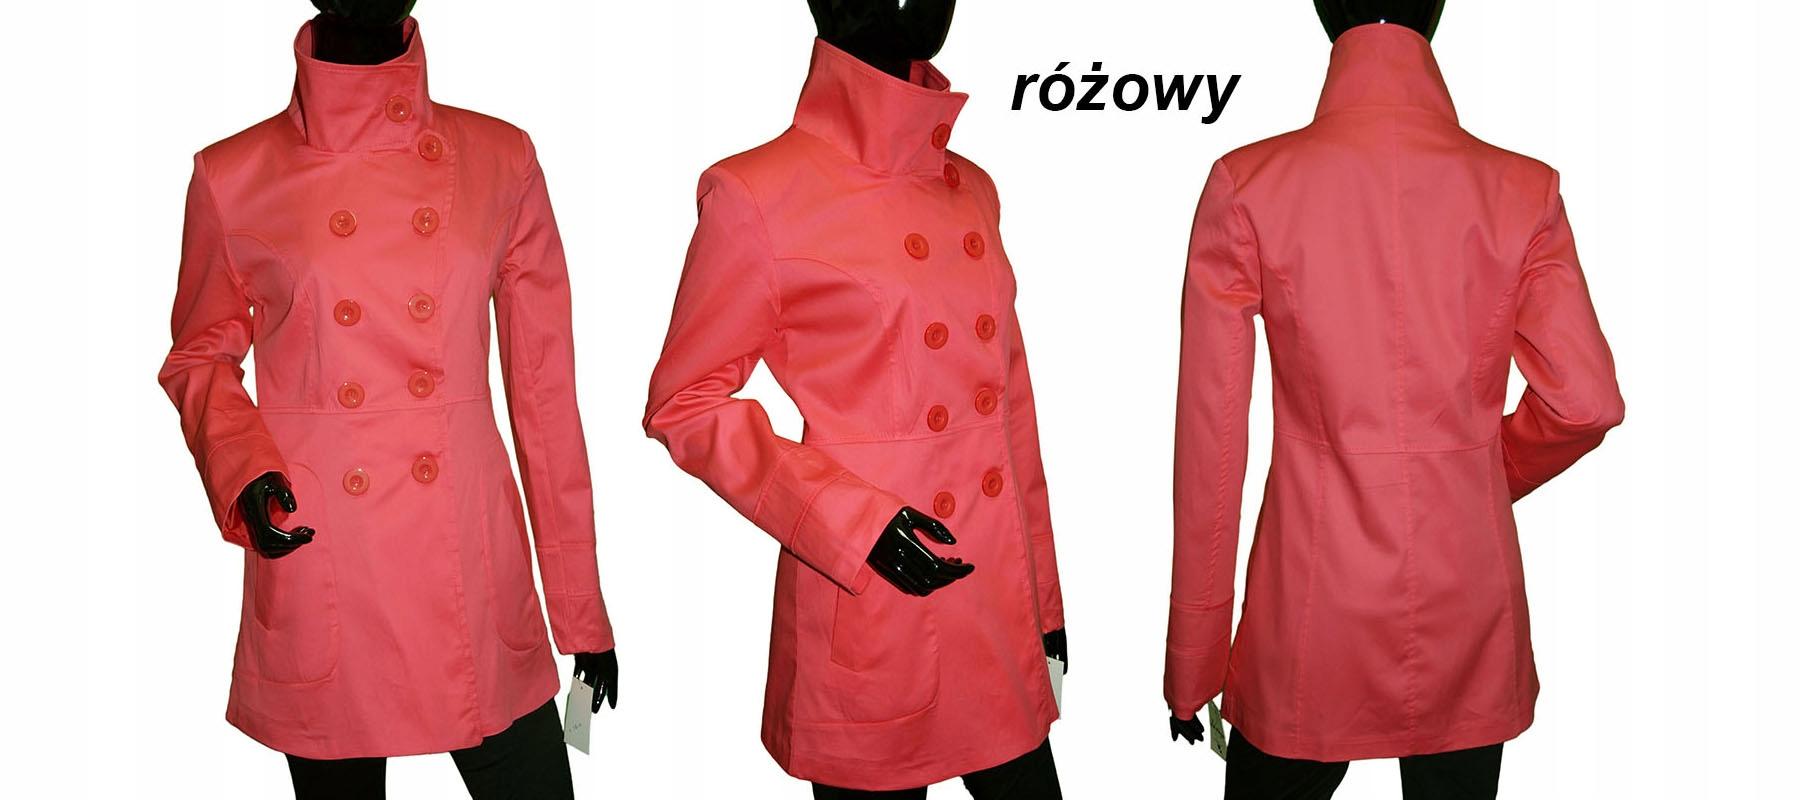 Płaszcz Bawełna trencz wiosna 40 42 XL różowy